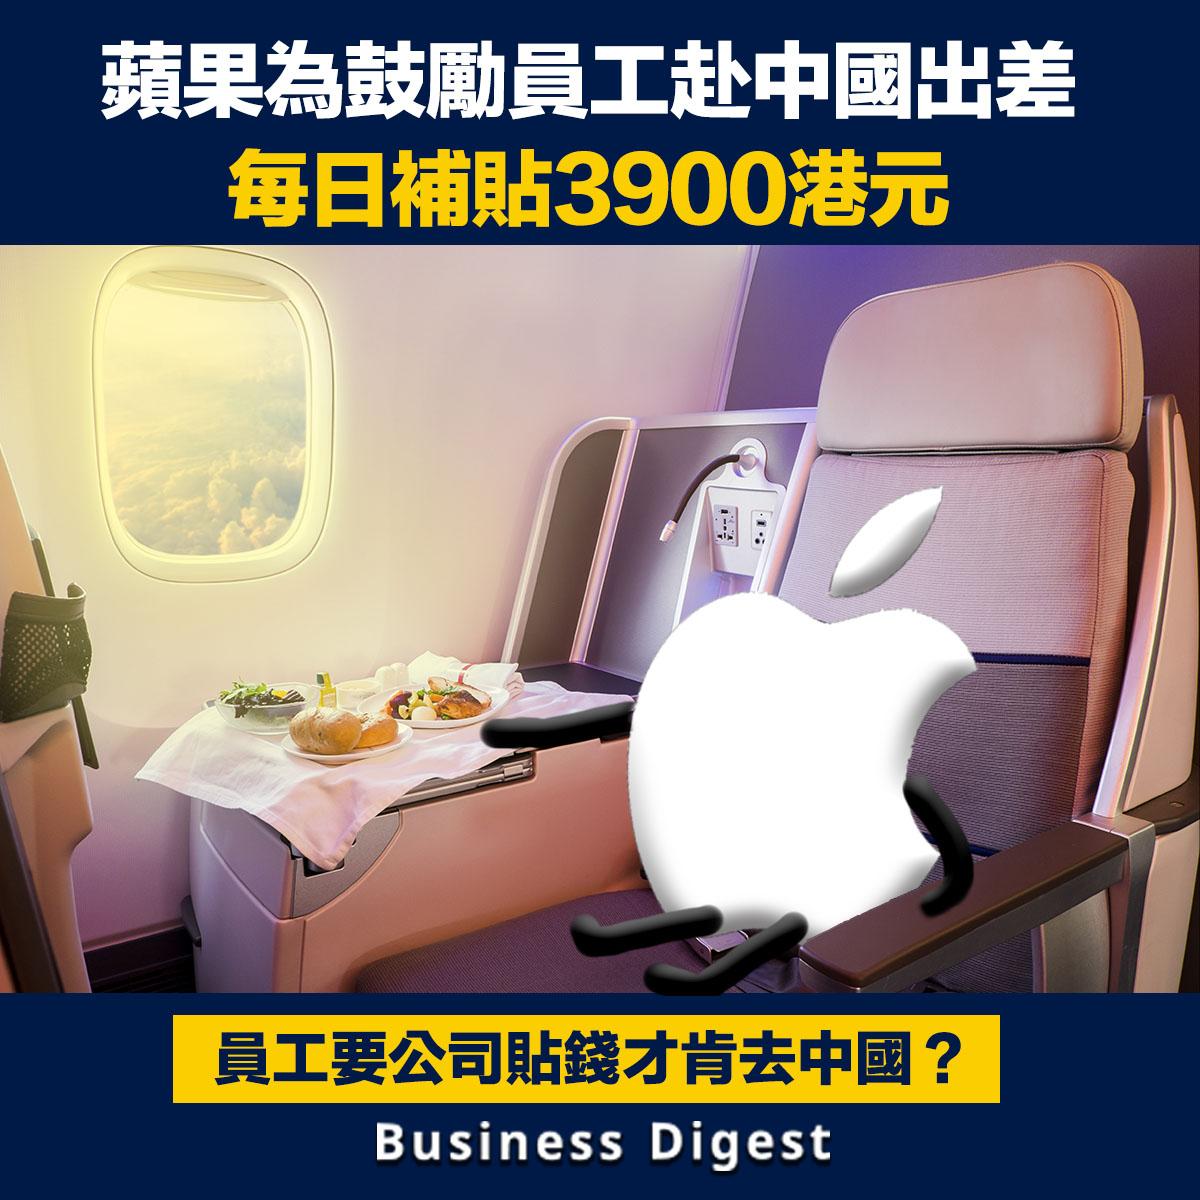 據外媒消息,蘋果公司開始向派往中國出差的美國員工每天發放500美元(約3900港元)獎金